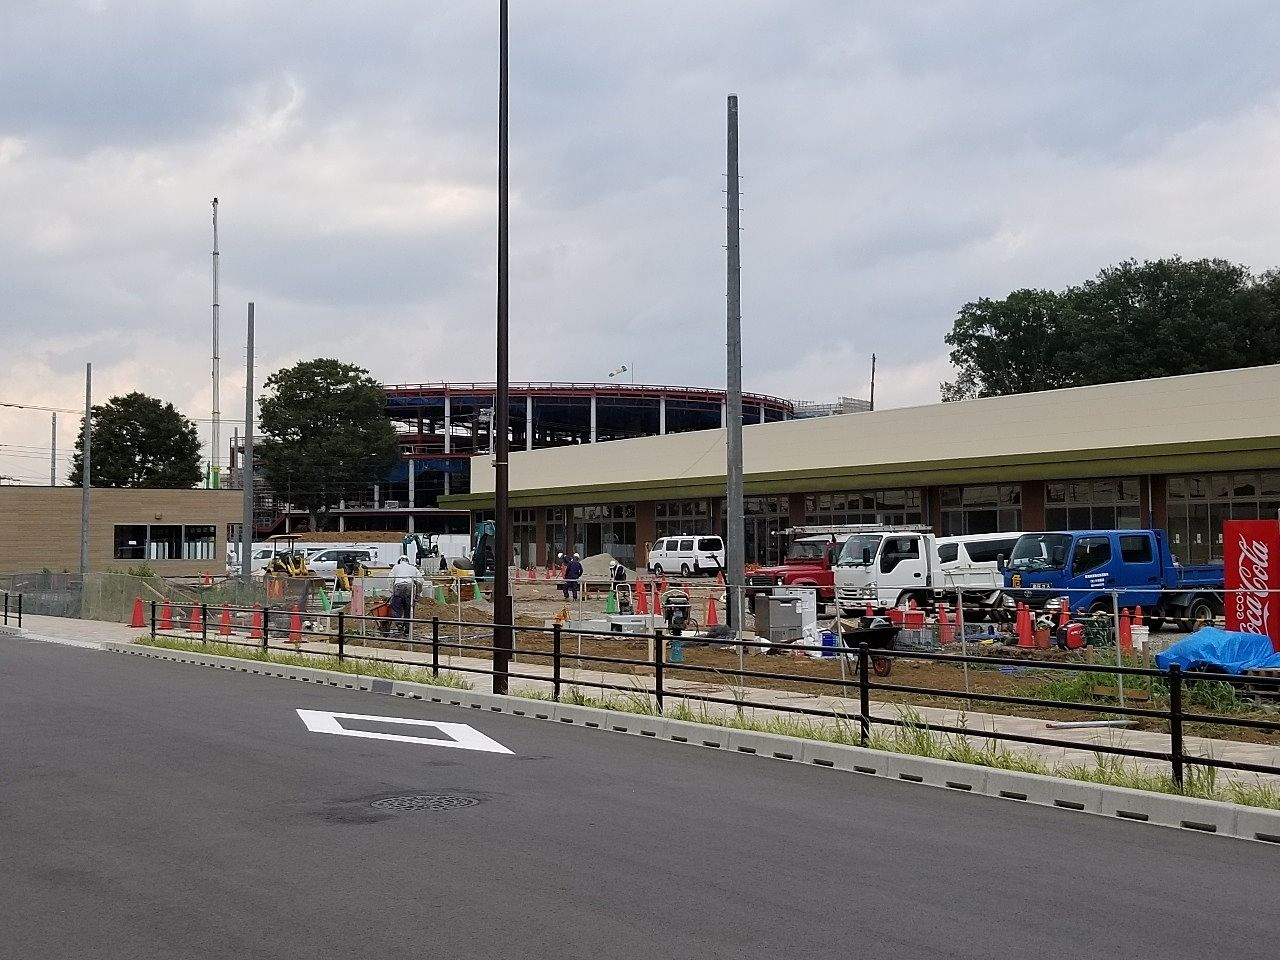 広い敷地に建設中の施設